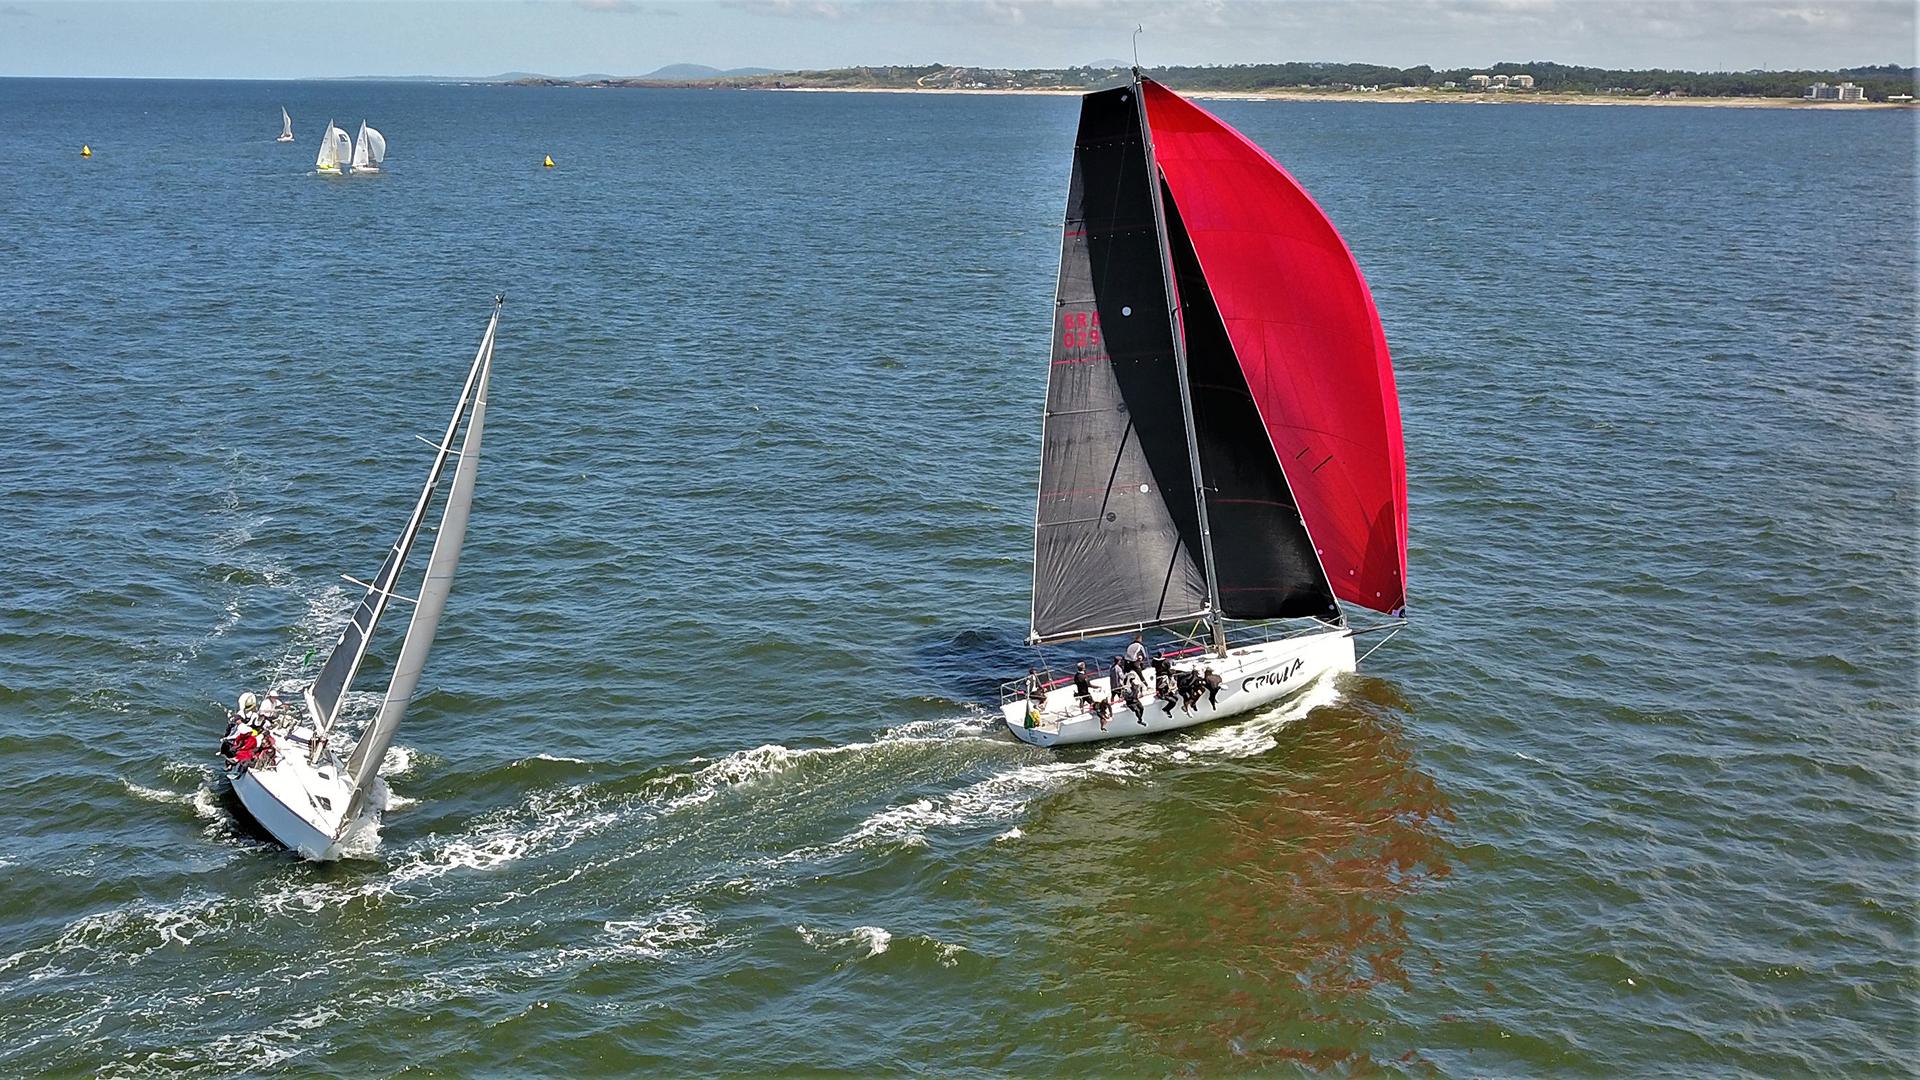 En el circuito se disputaron en cuatro categorías: los barcos de la Clase Handicap participan en las Categorías ORC Internacional, ORC Club e IRC mientras que la Clase Internacional J/70 compite separadamente